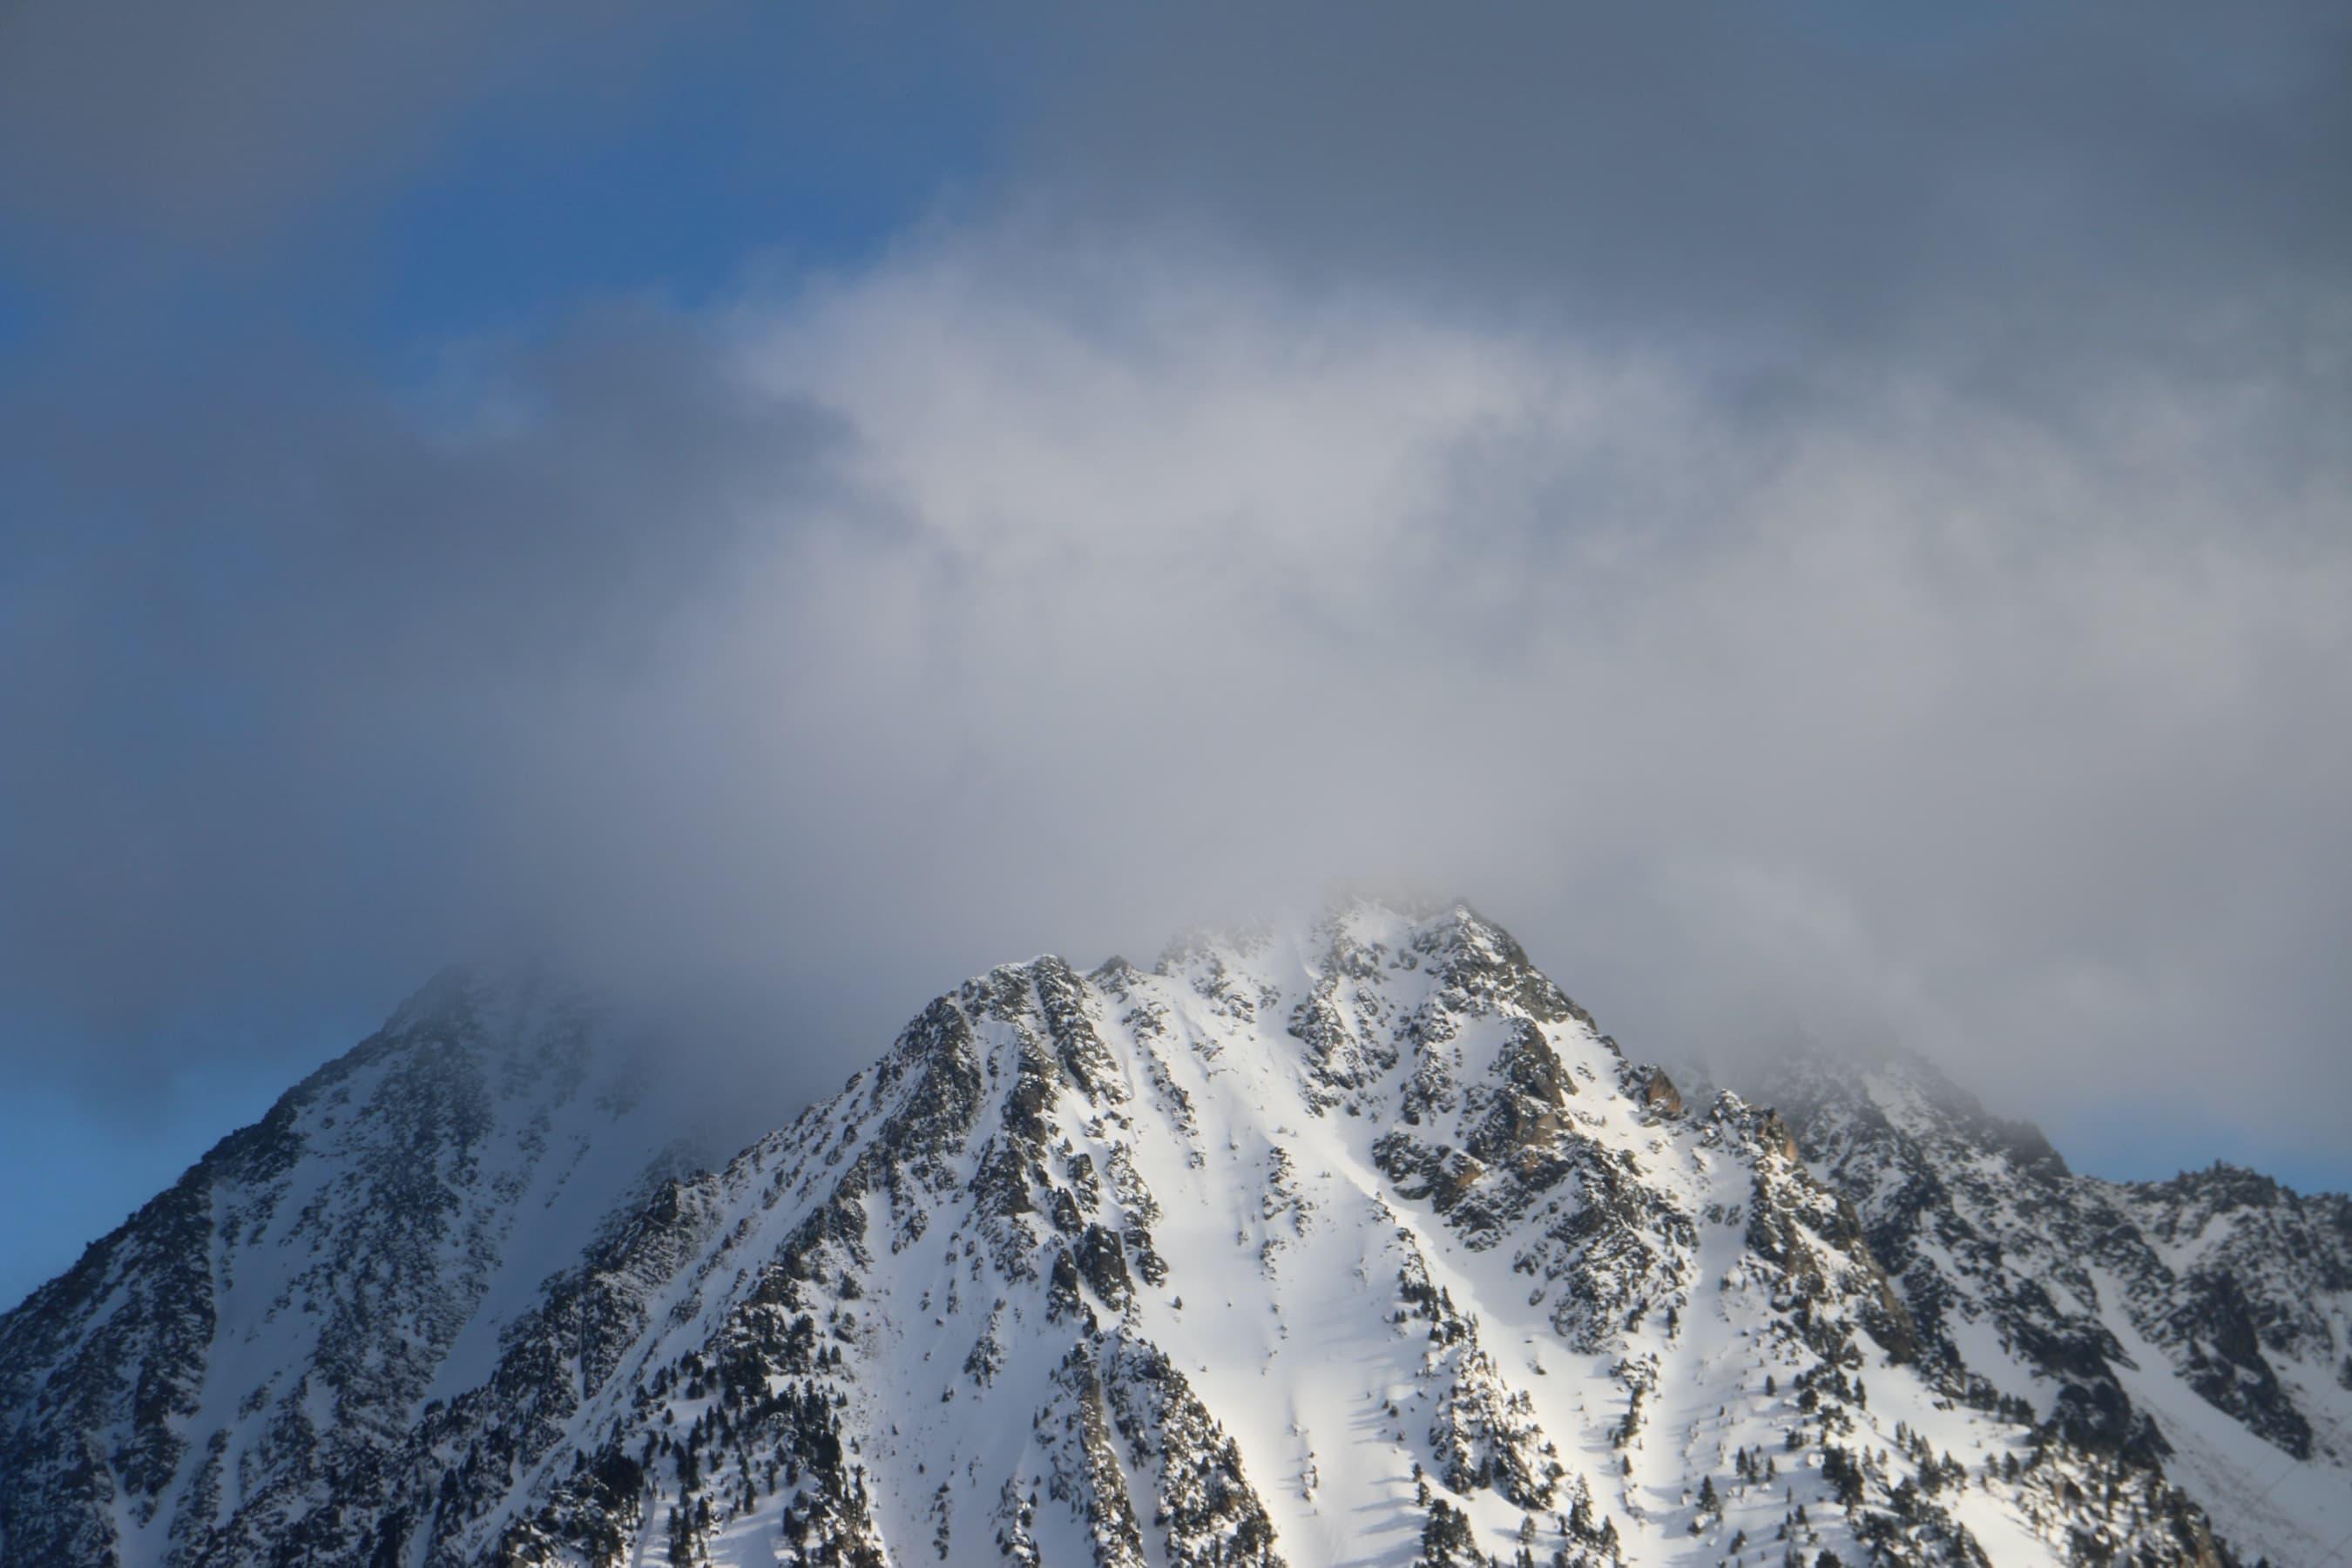 La nubes chocan contra la montaña en el port de la Bonaigua